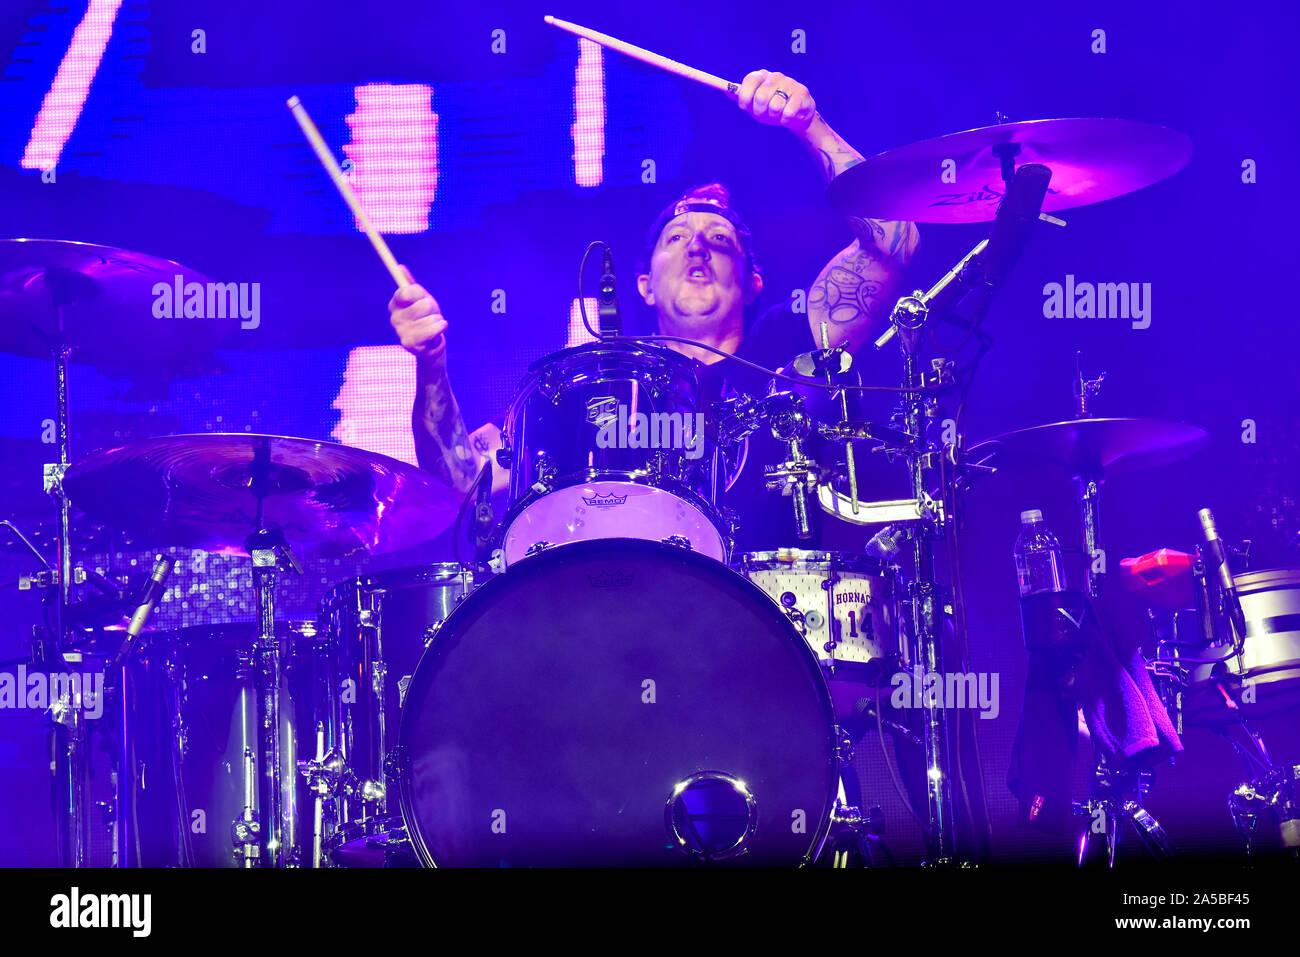 Las Vegas, Nevada, le 18 octobre 2019 - Le batteur pour le groupe l'utilisé à la troisième édition annuelle de Las Stique heavy metal music festival tenu à la Centre-ville de Las Vegas Events Center. Crédit de photo: Ken Howard Images Banque D'Images